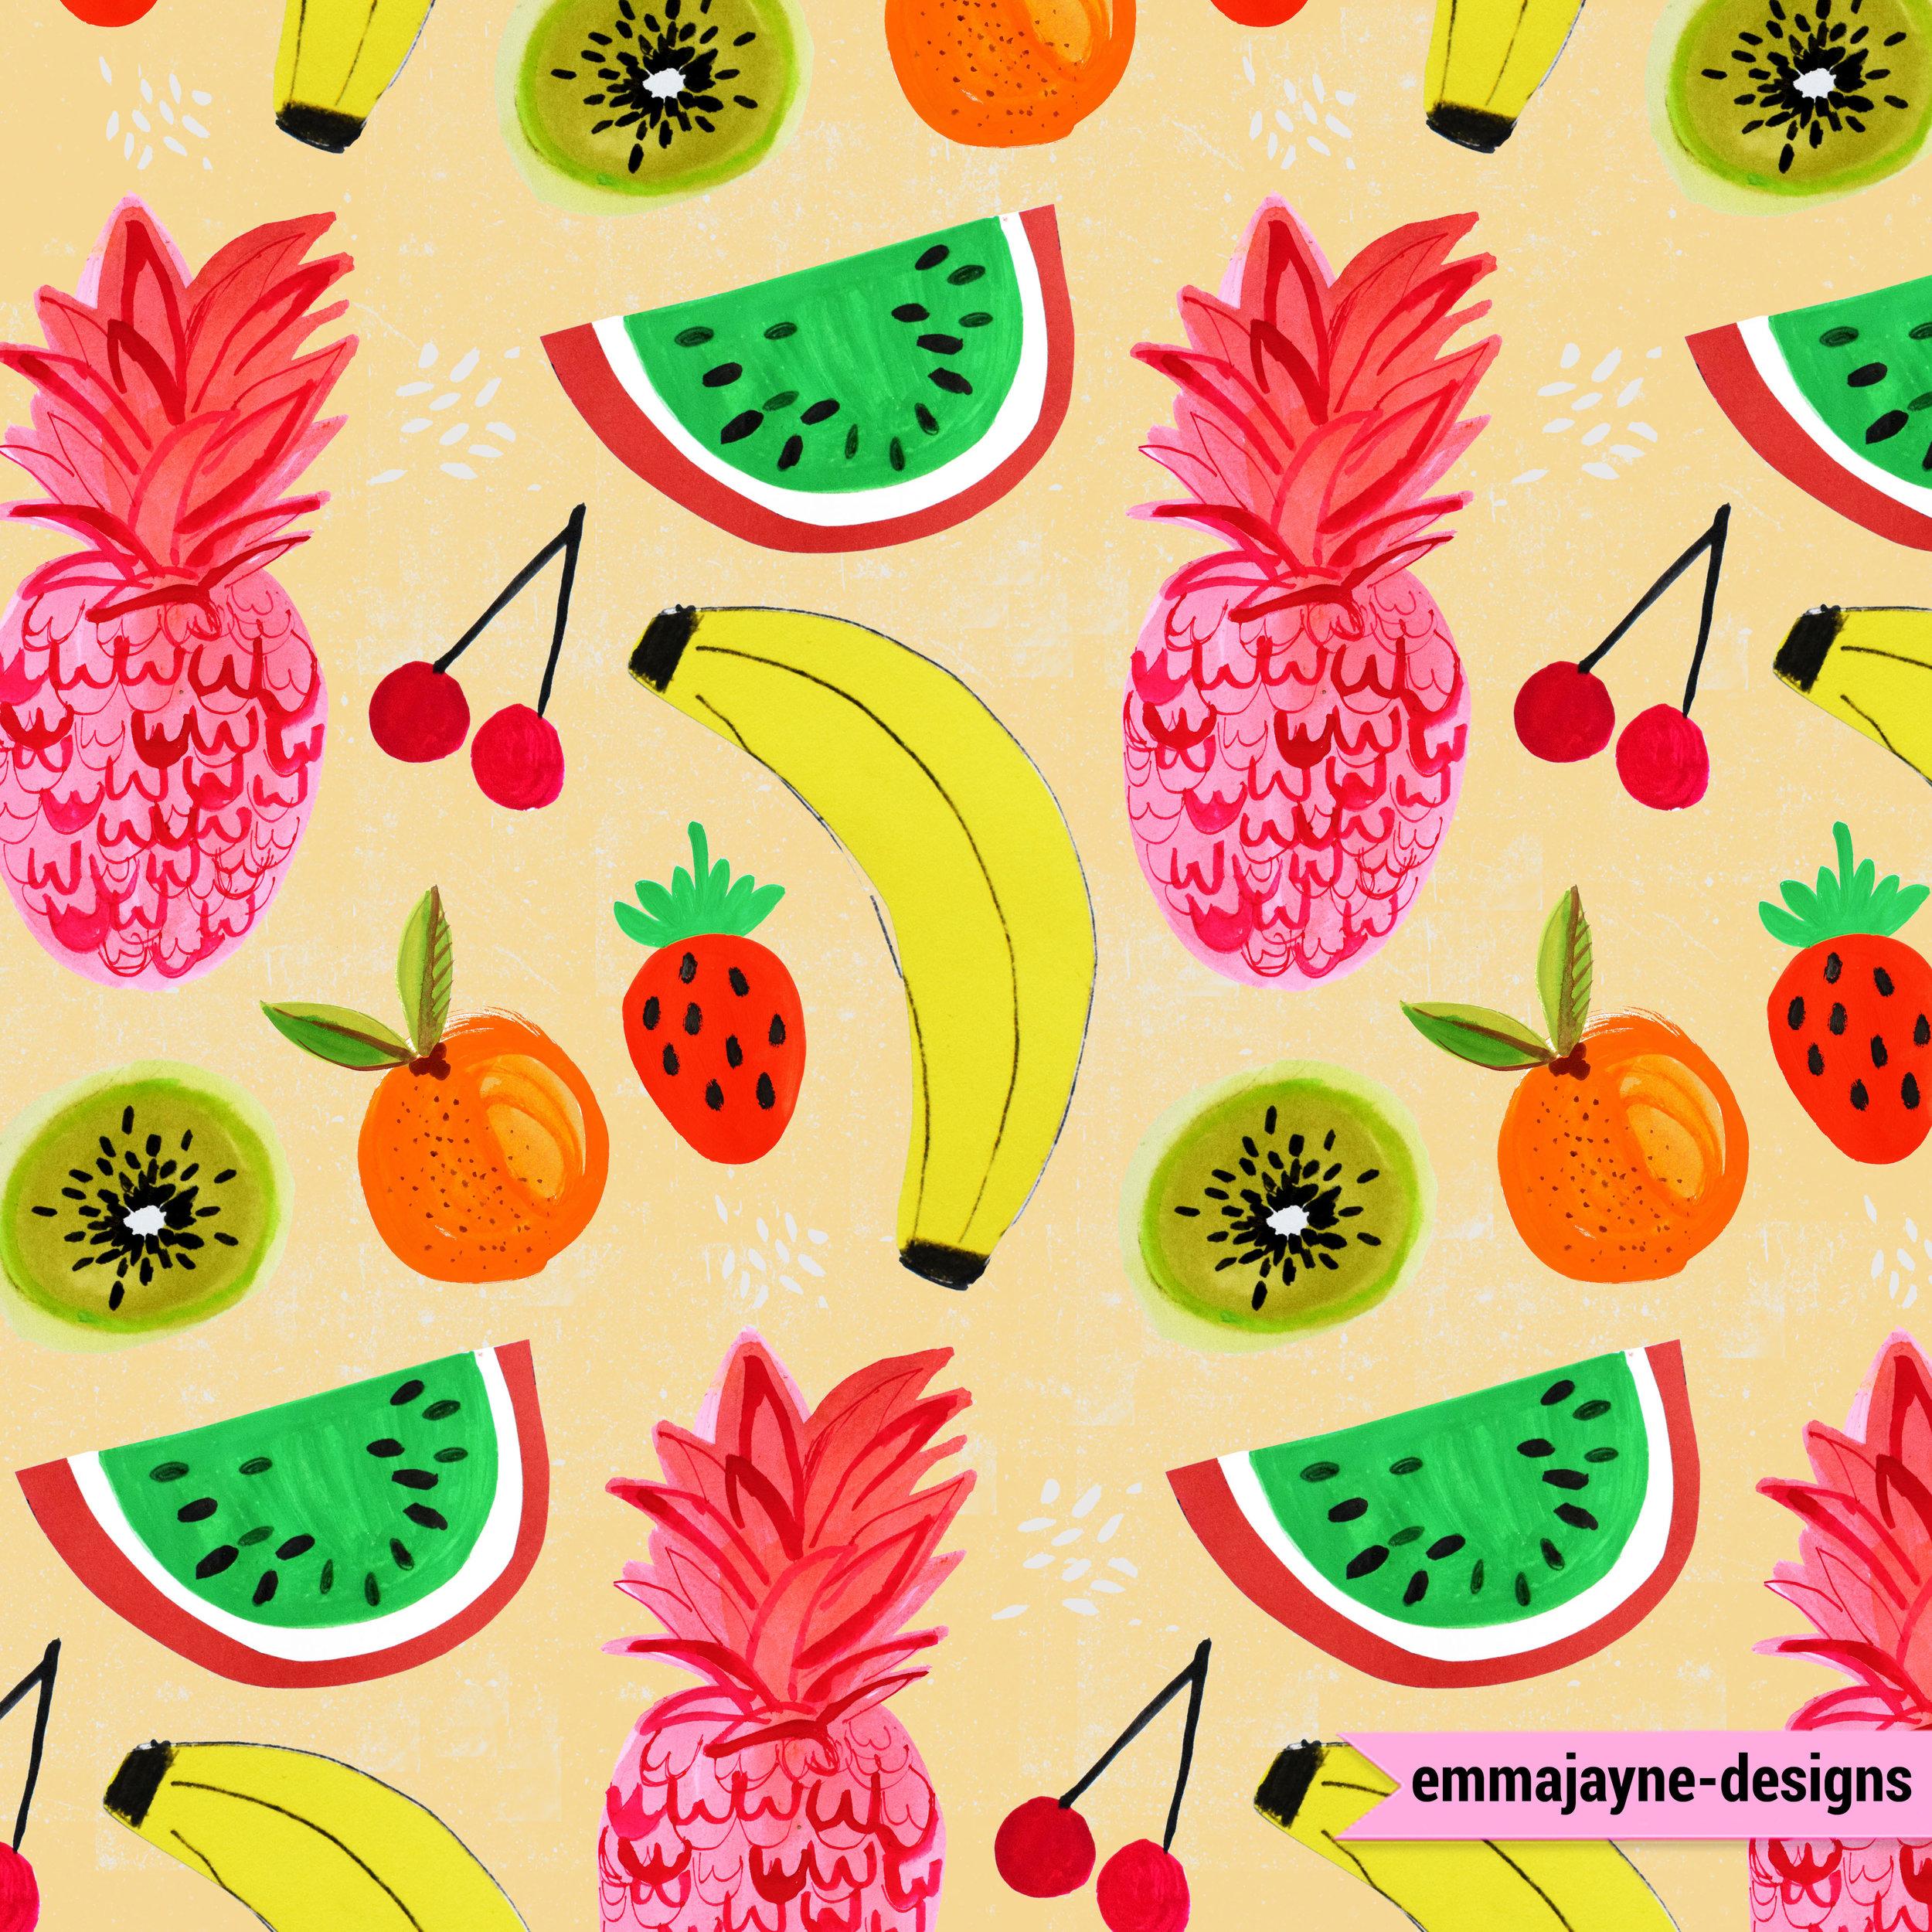 Tropical-fruit-emmajayne-designs.jpg